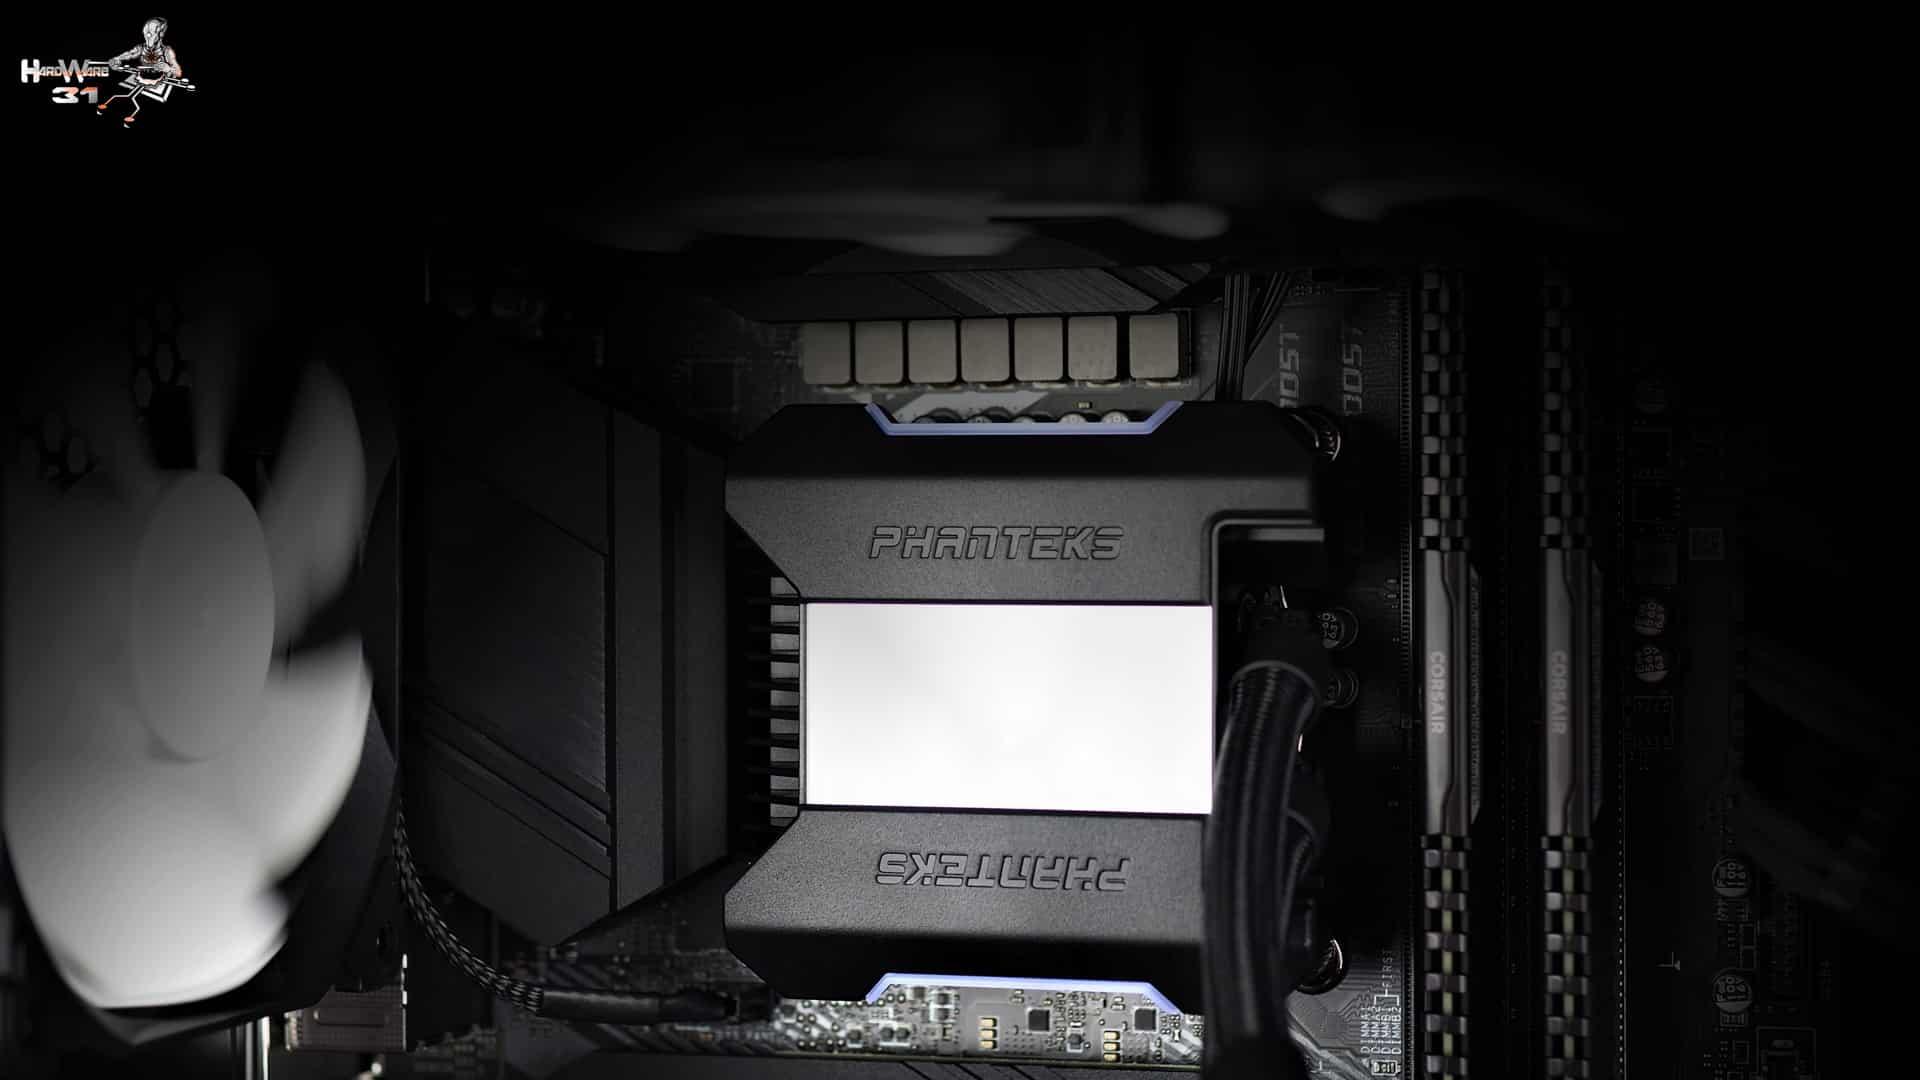 Le waterblock de l'AIO Phanteks glacier ONE utilisé dans ce montage client effectué avec le configurateur PC Hardware31